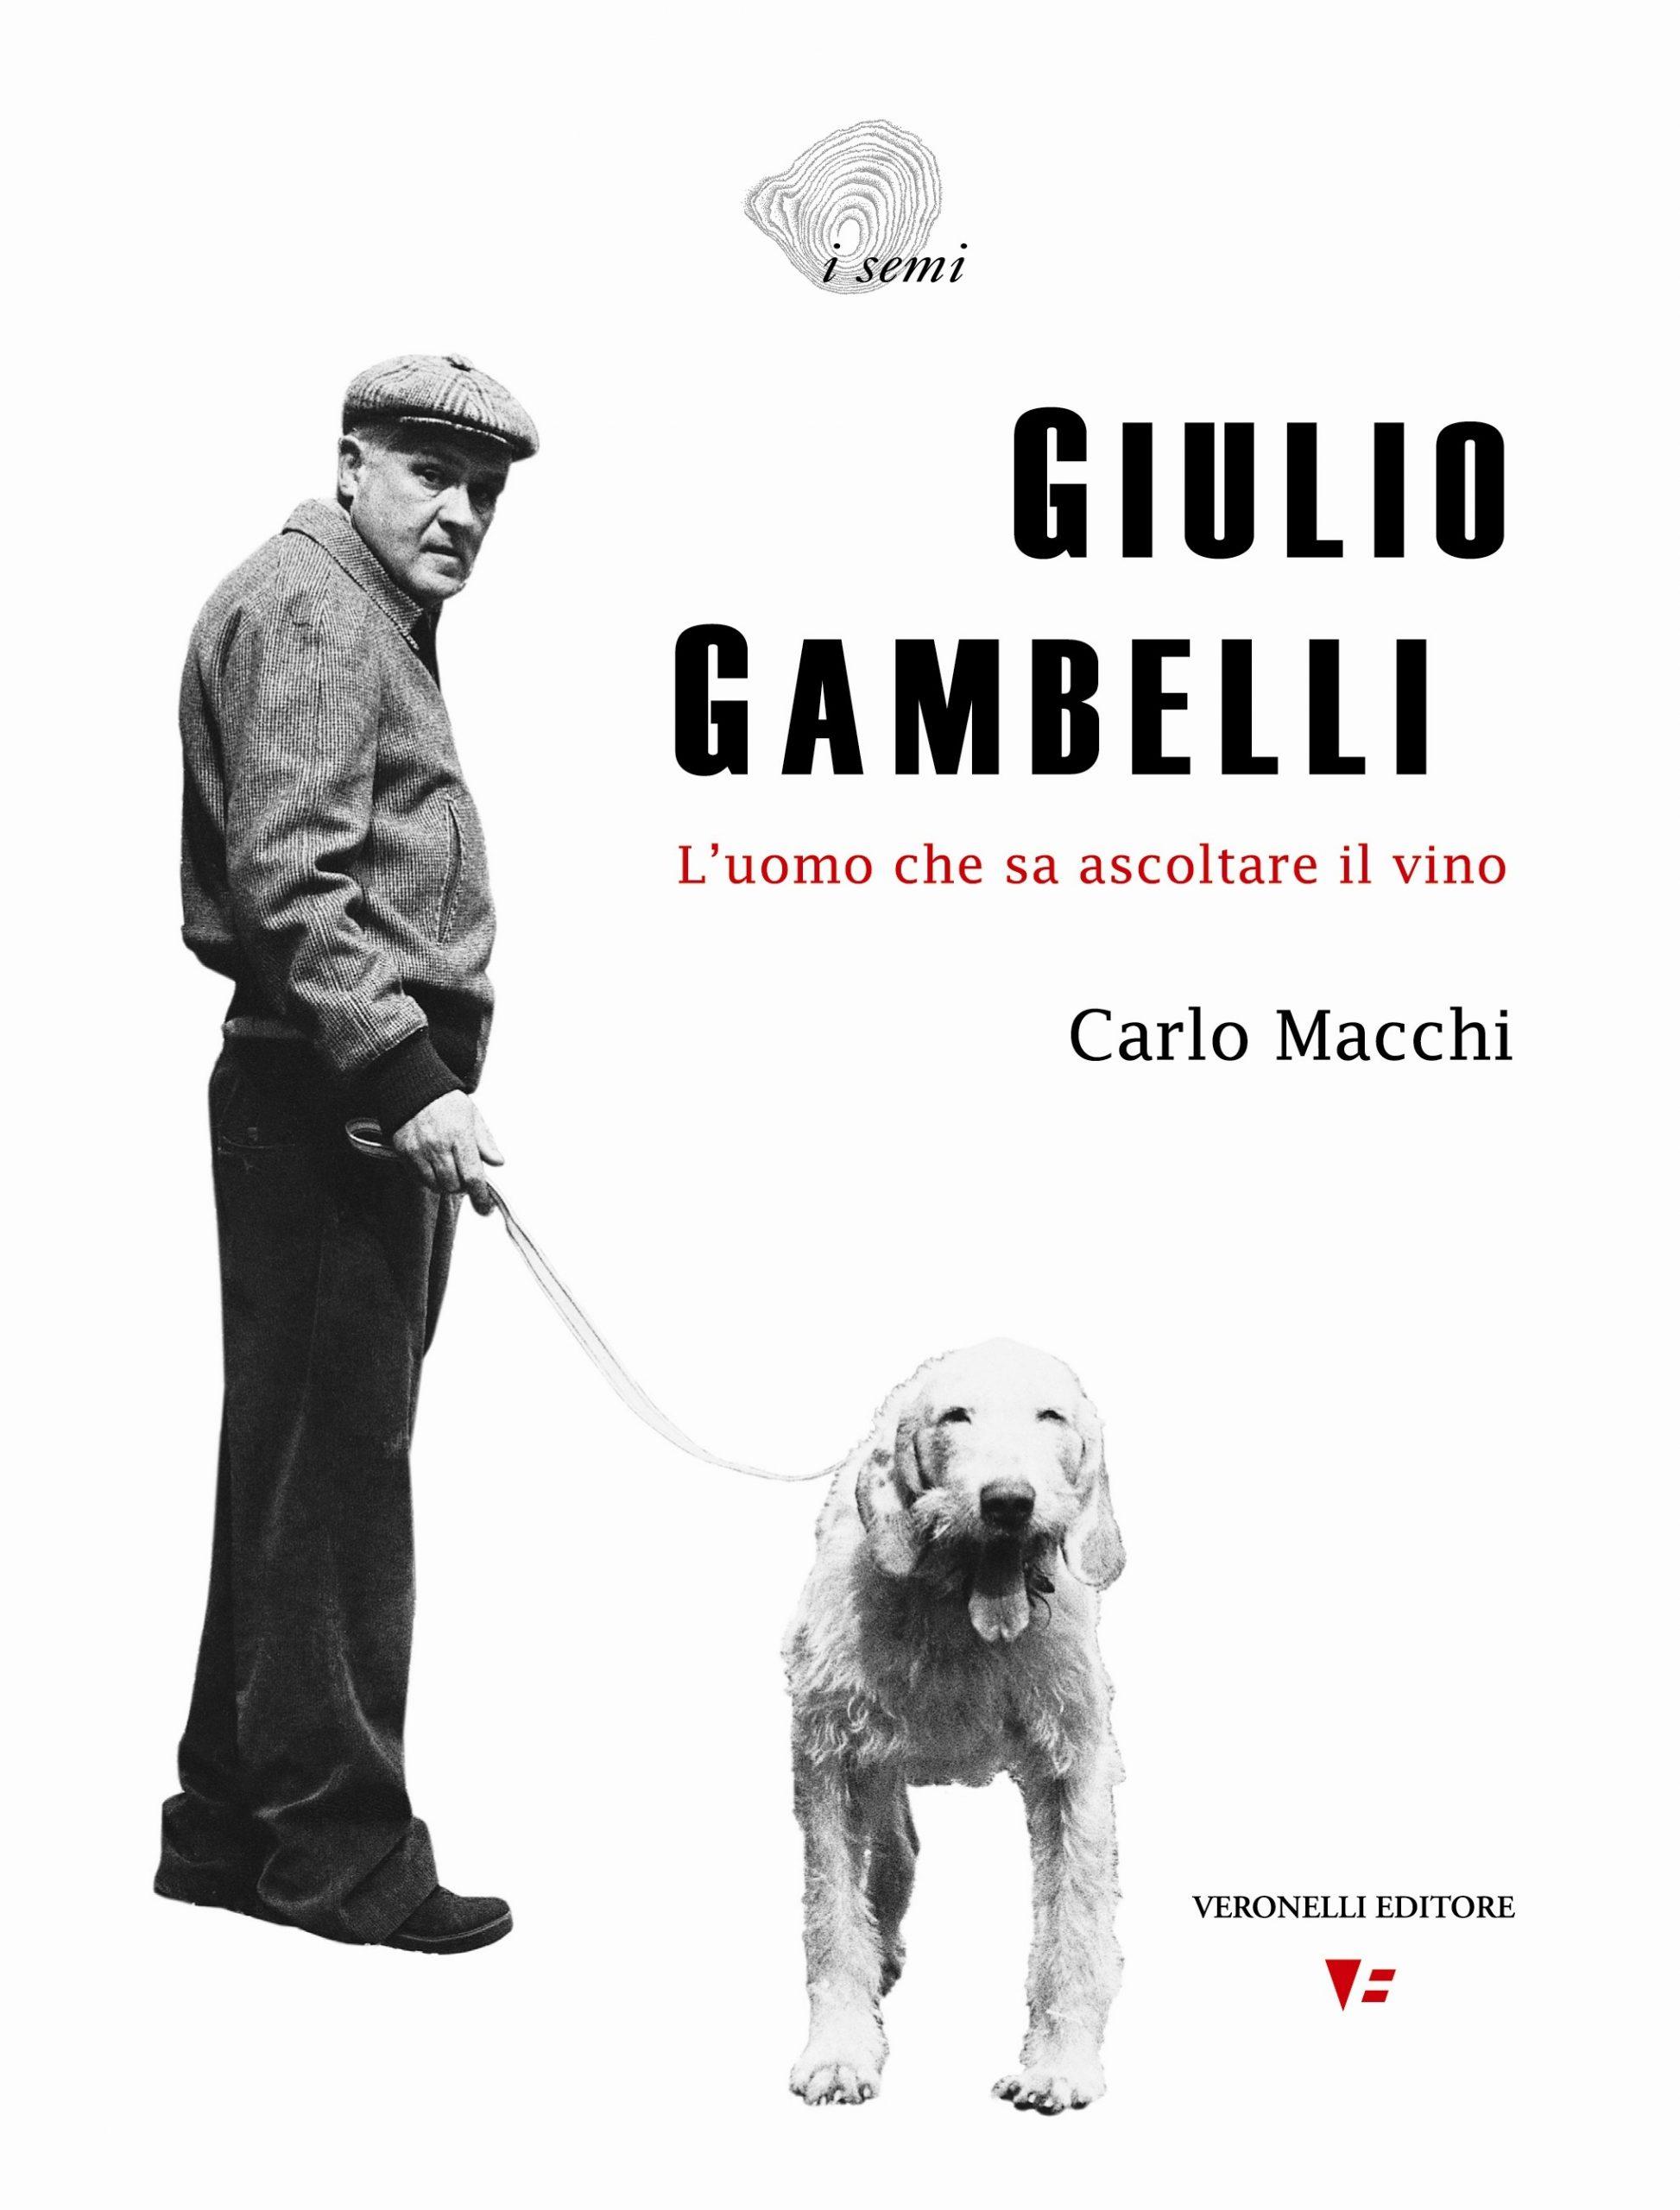 Giulio Gambelli l'uomo che sa ascoltare il vino - di Carlo Macchi